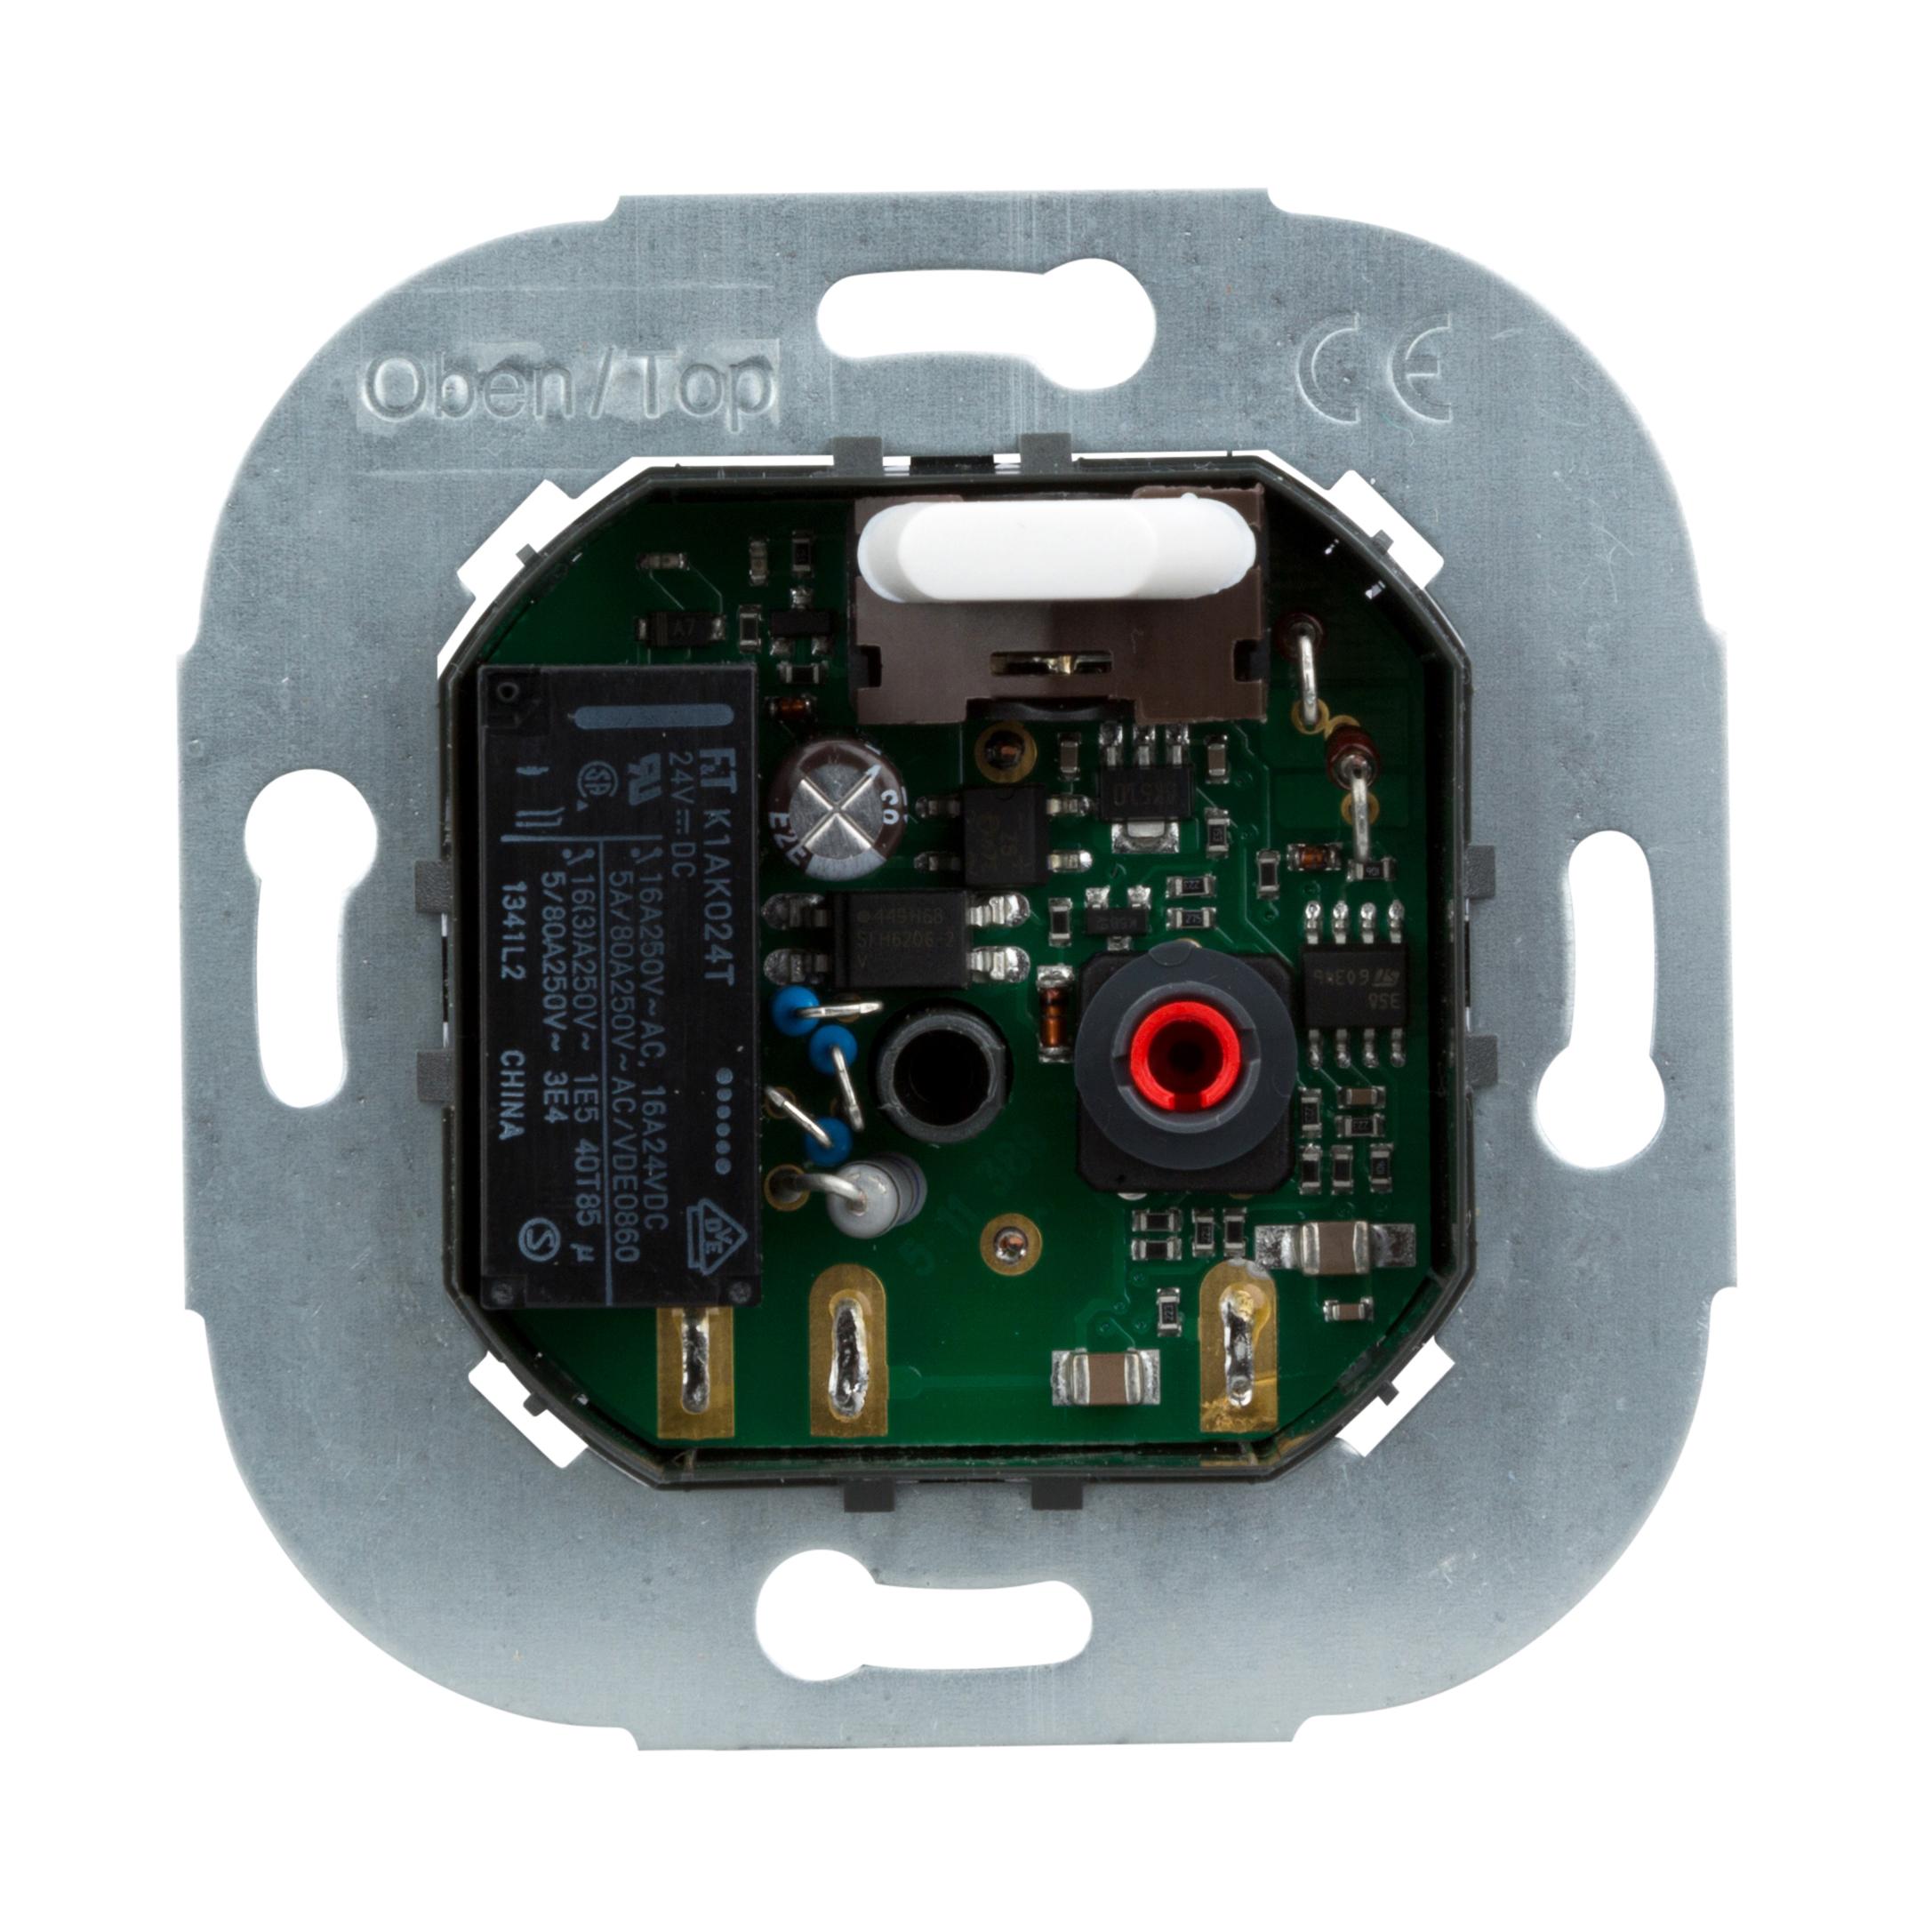 1 Stk Fußbodentemperaturregler-Einsatz mit Schalter und Fernfühler EL176131--